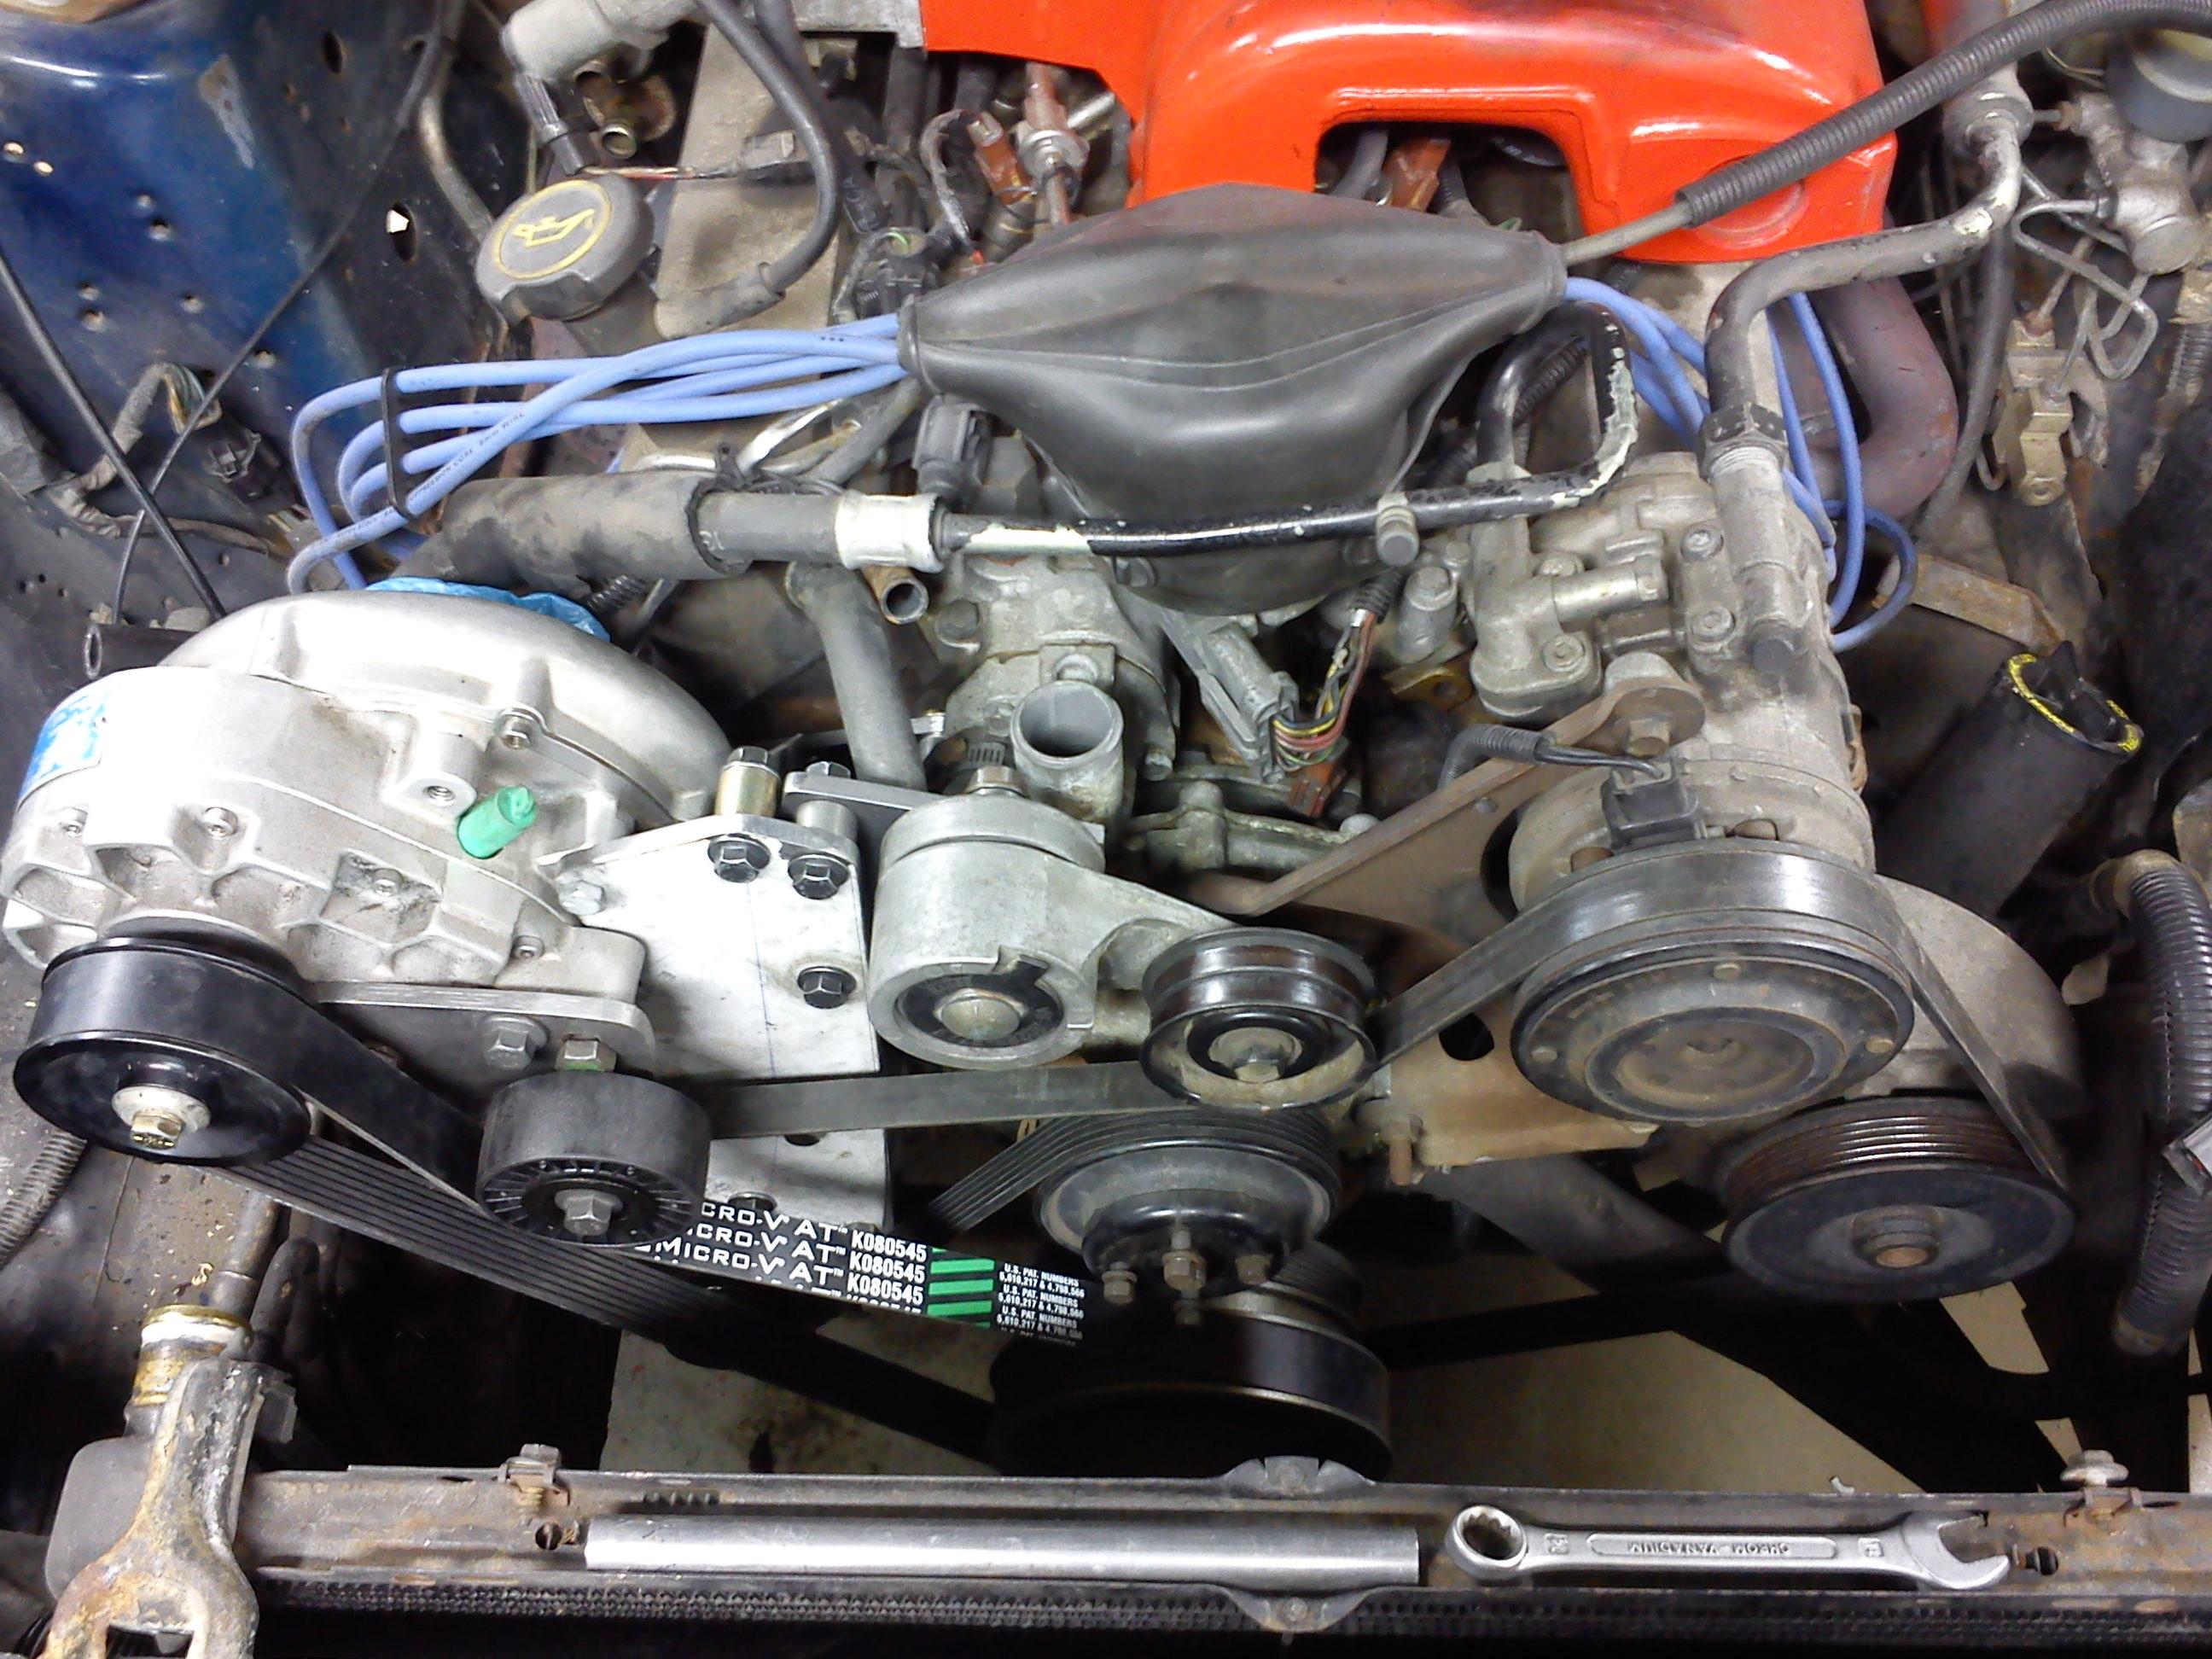 Kompressor monterad på motor